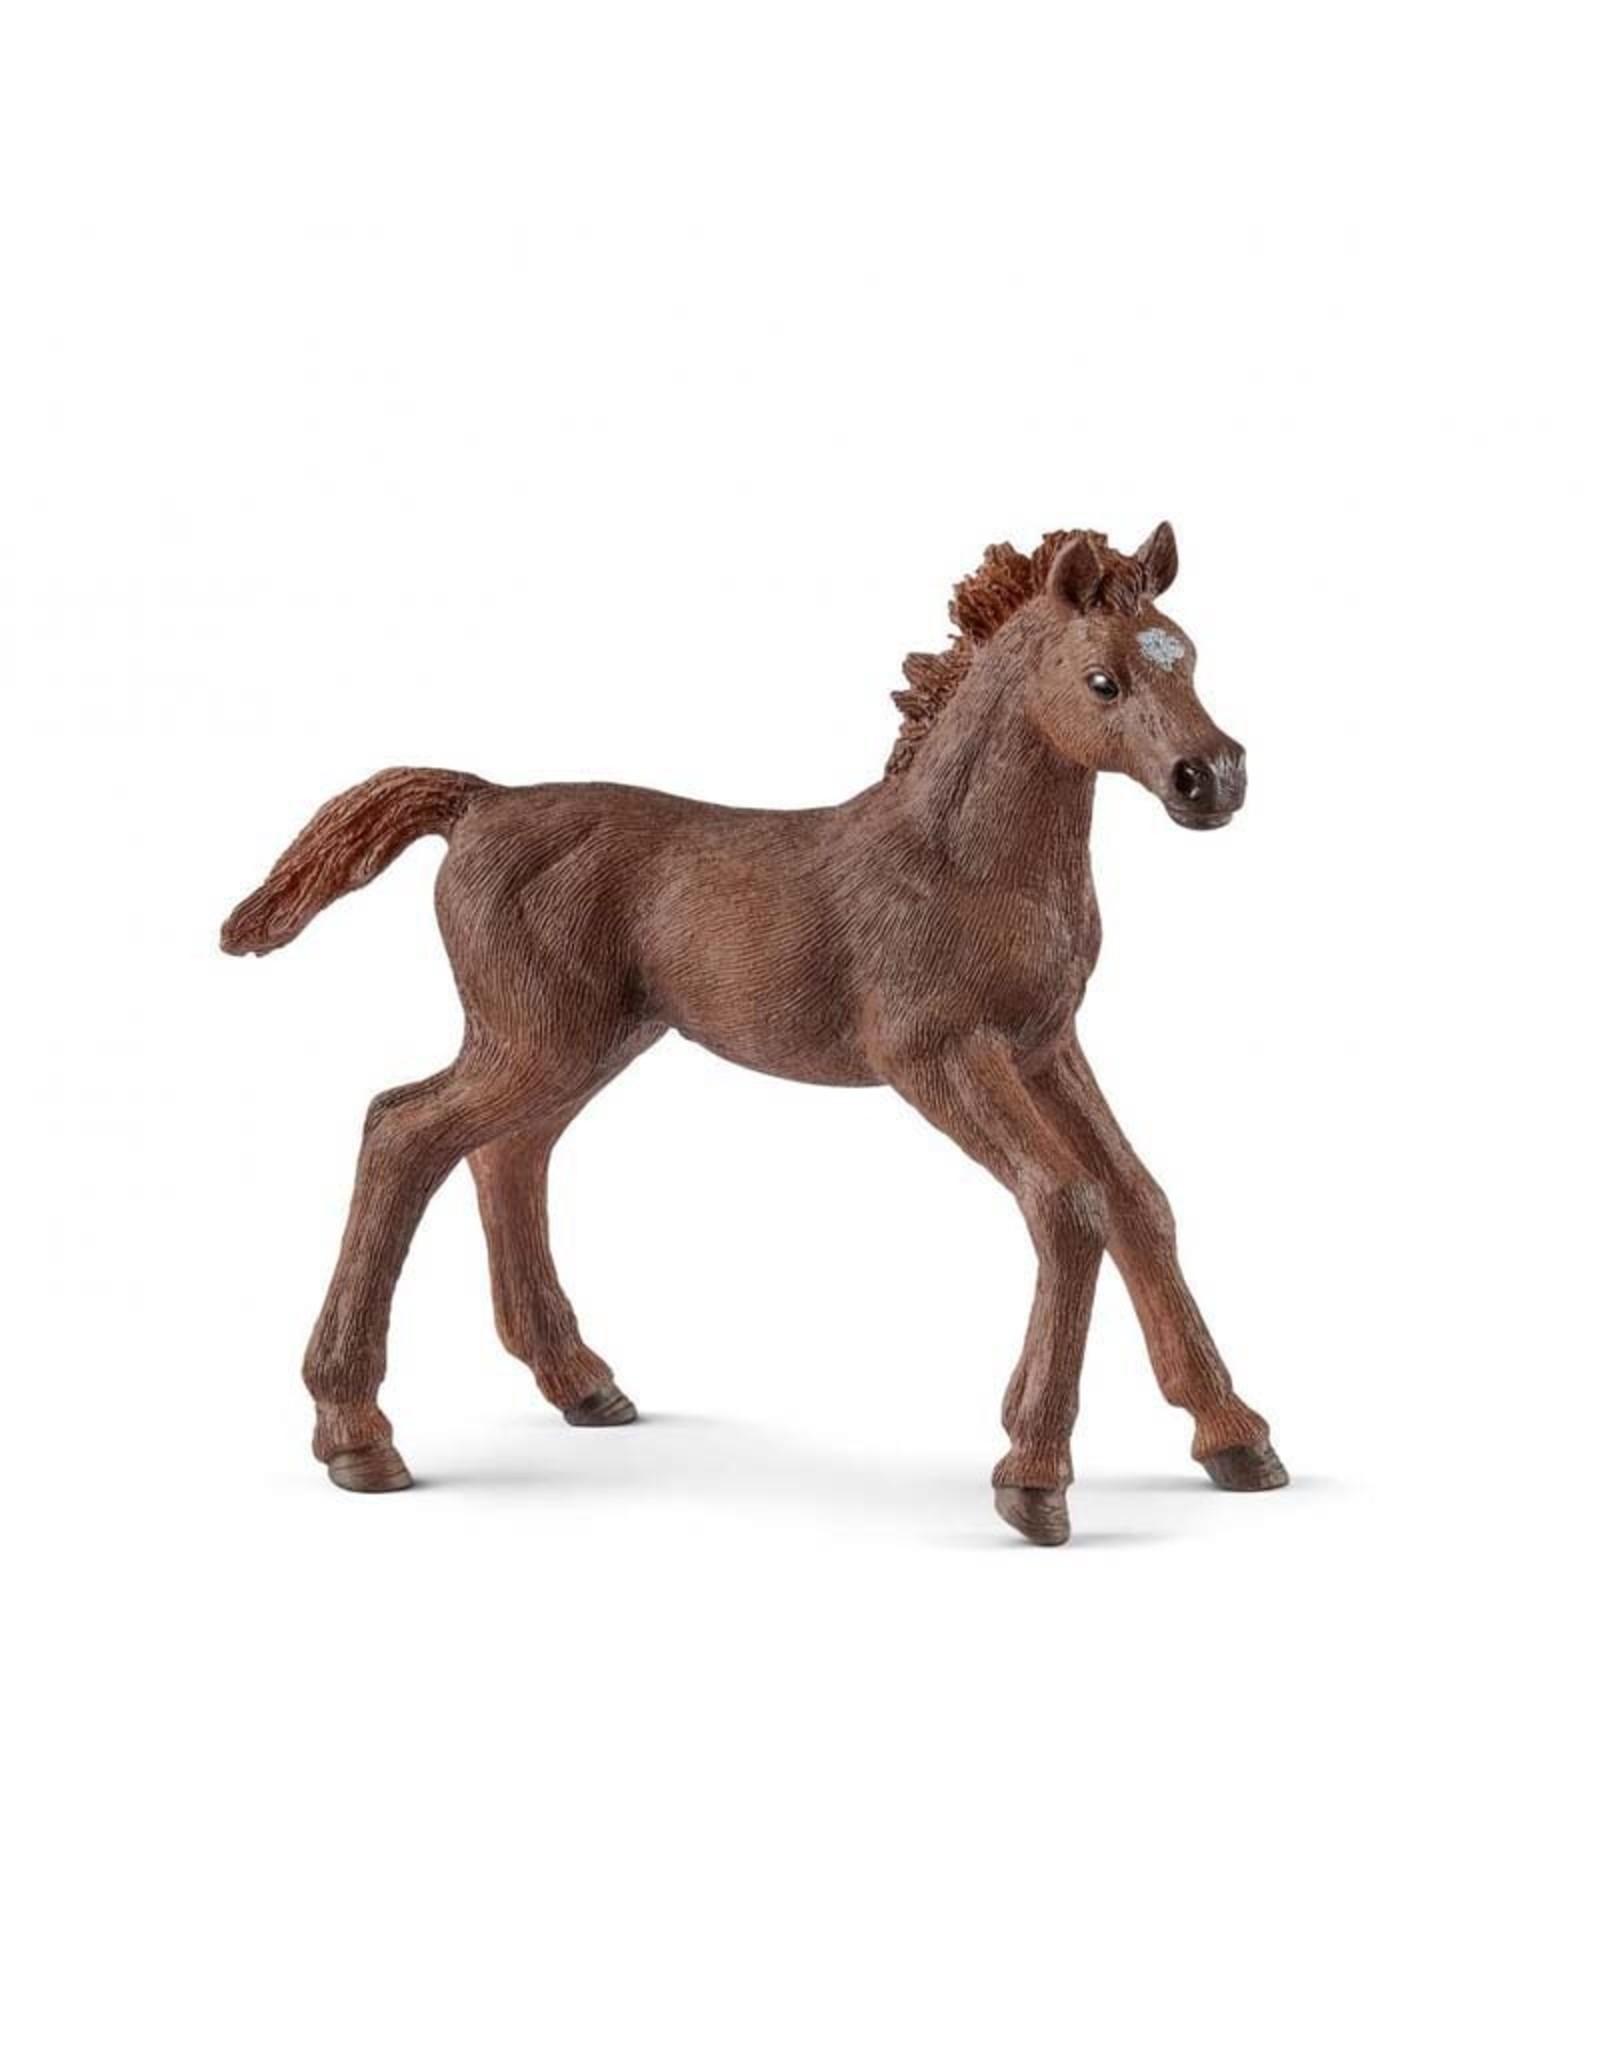 Schleich Schleich English thoroughbred foal